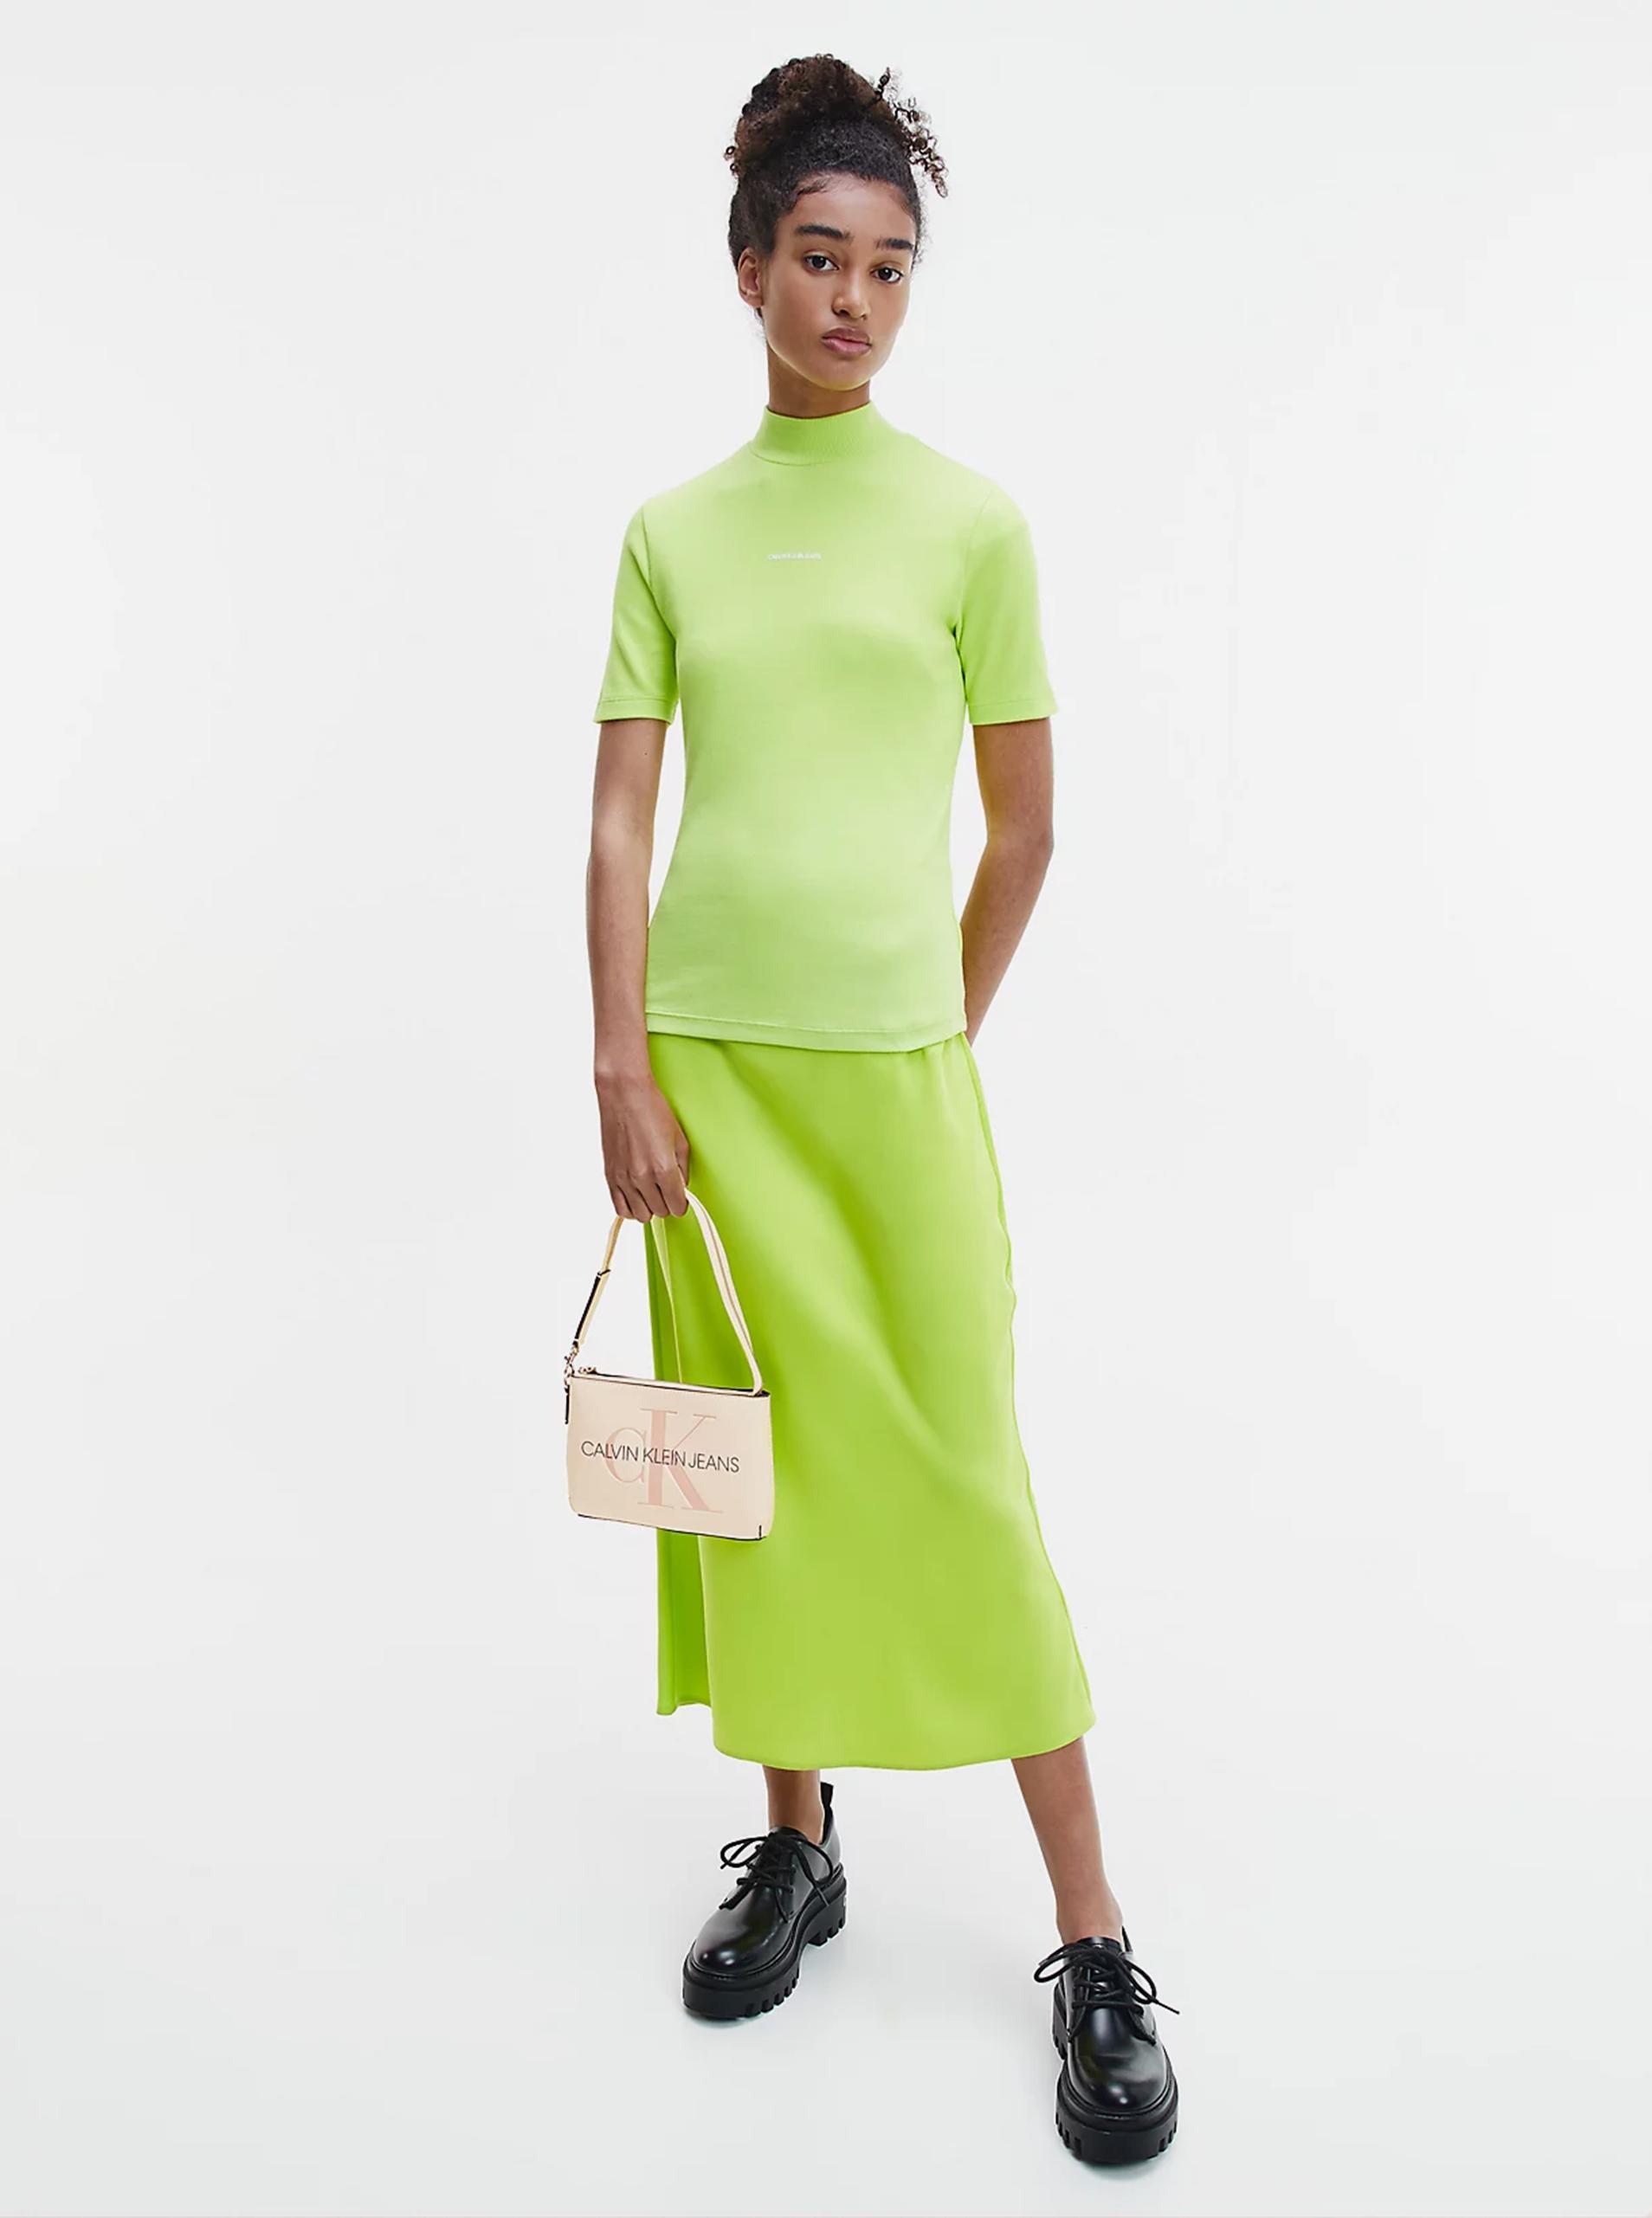 Calvin Klein cream / cream handbag